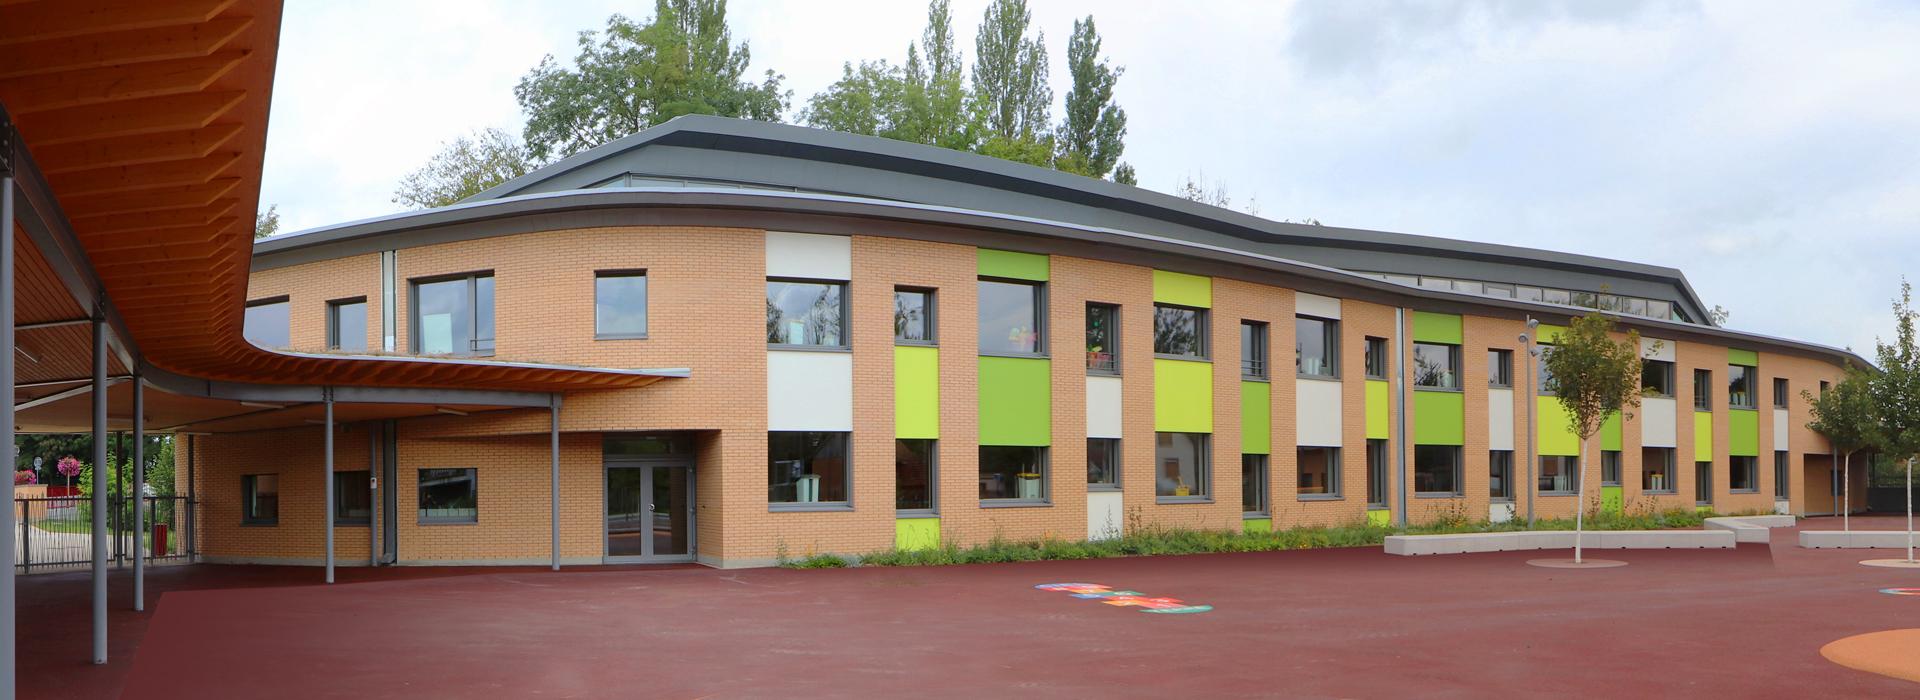 cour École élémentaire Plobsheim